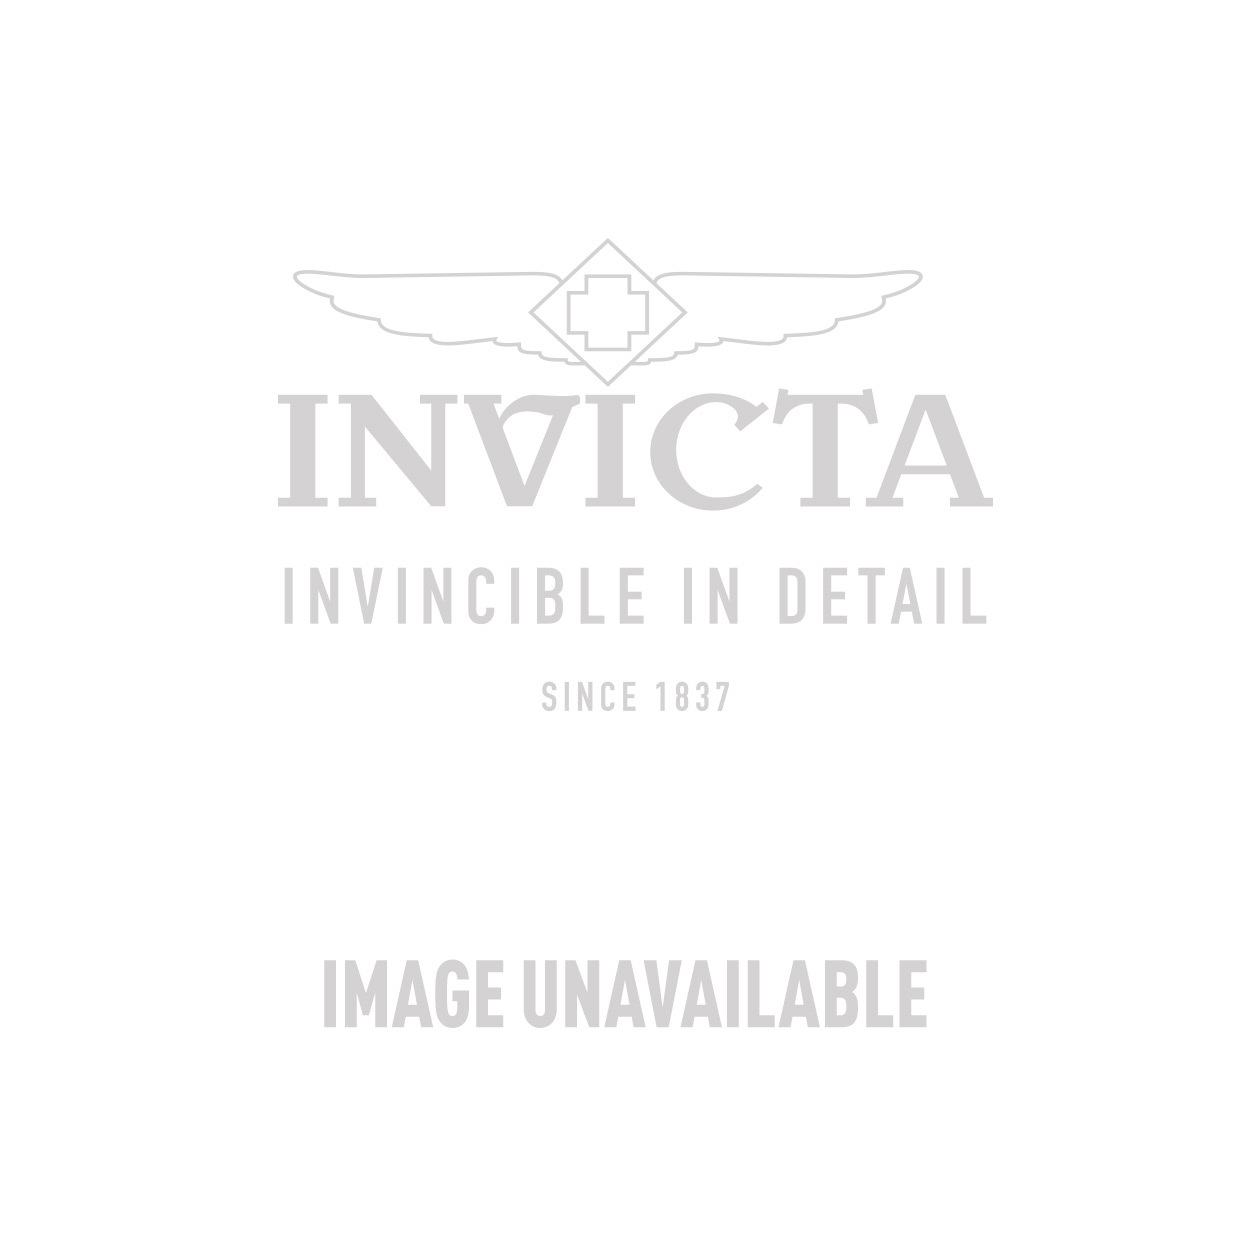 Invicta Model 28961